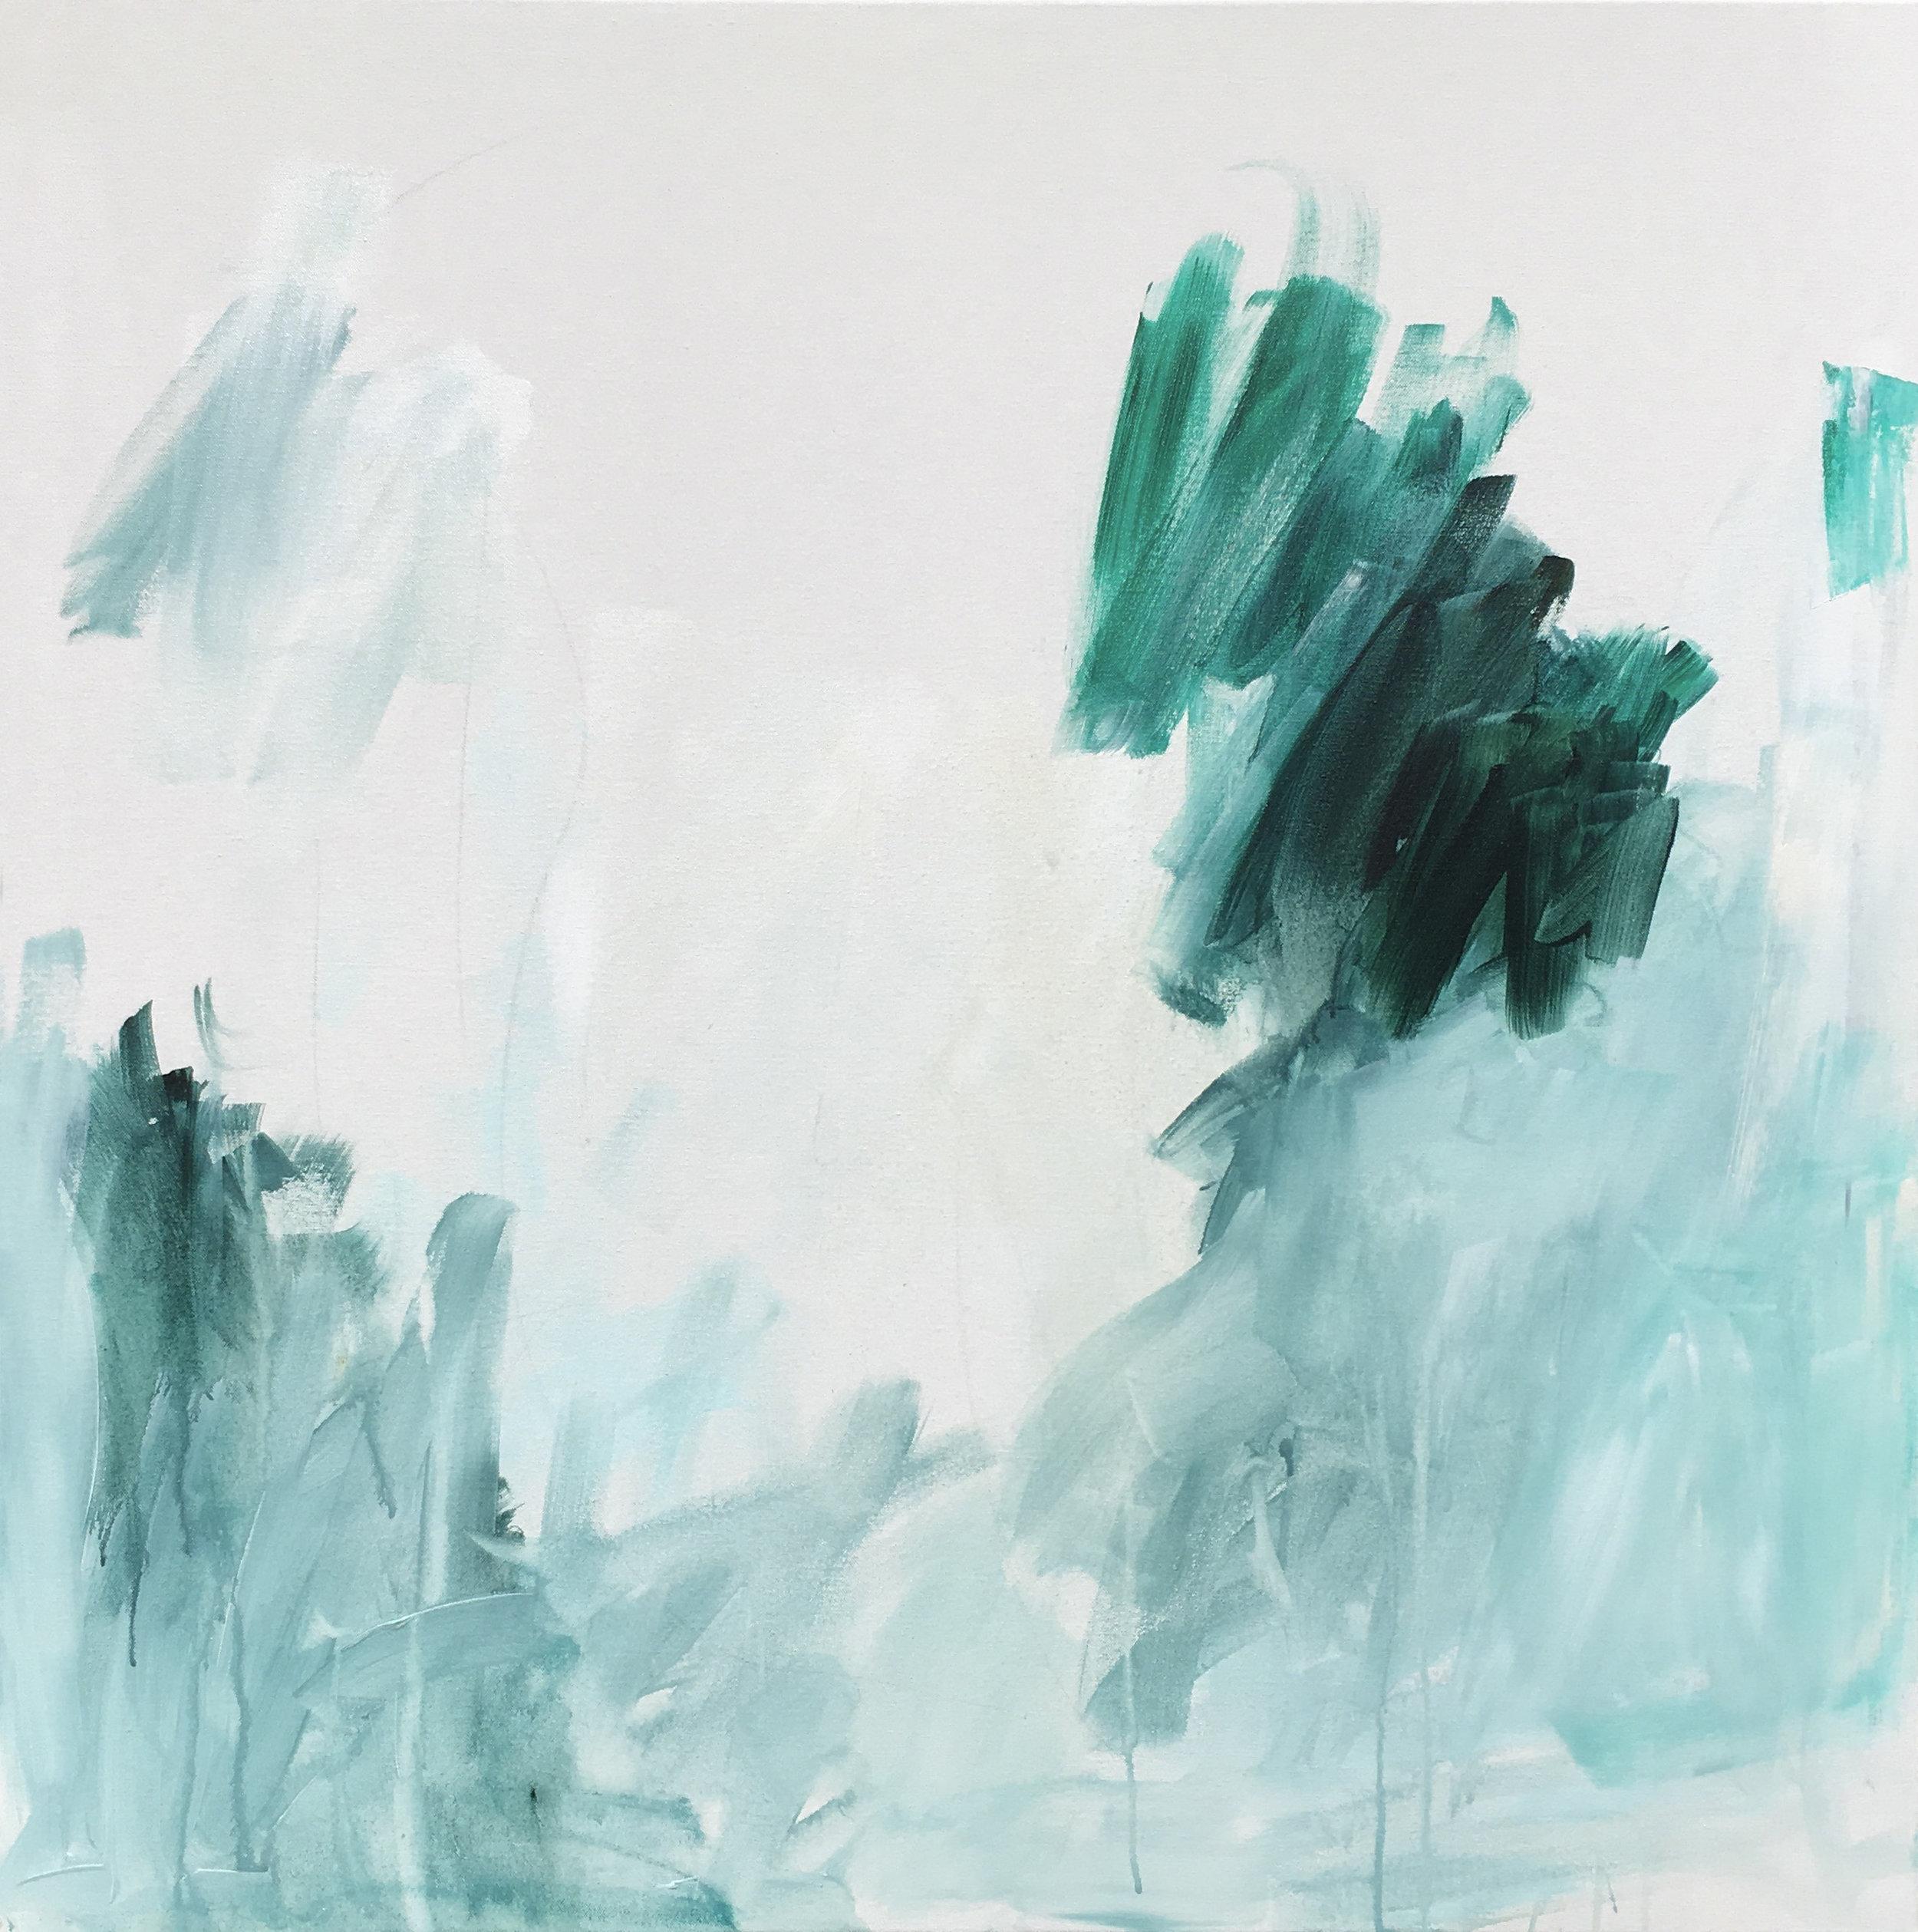 JULIE BRETON ART | WORK IN PROGRESS